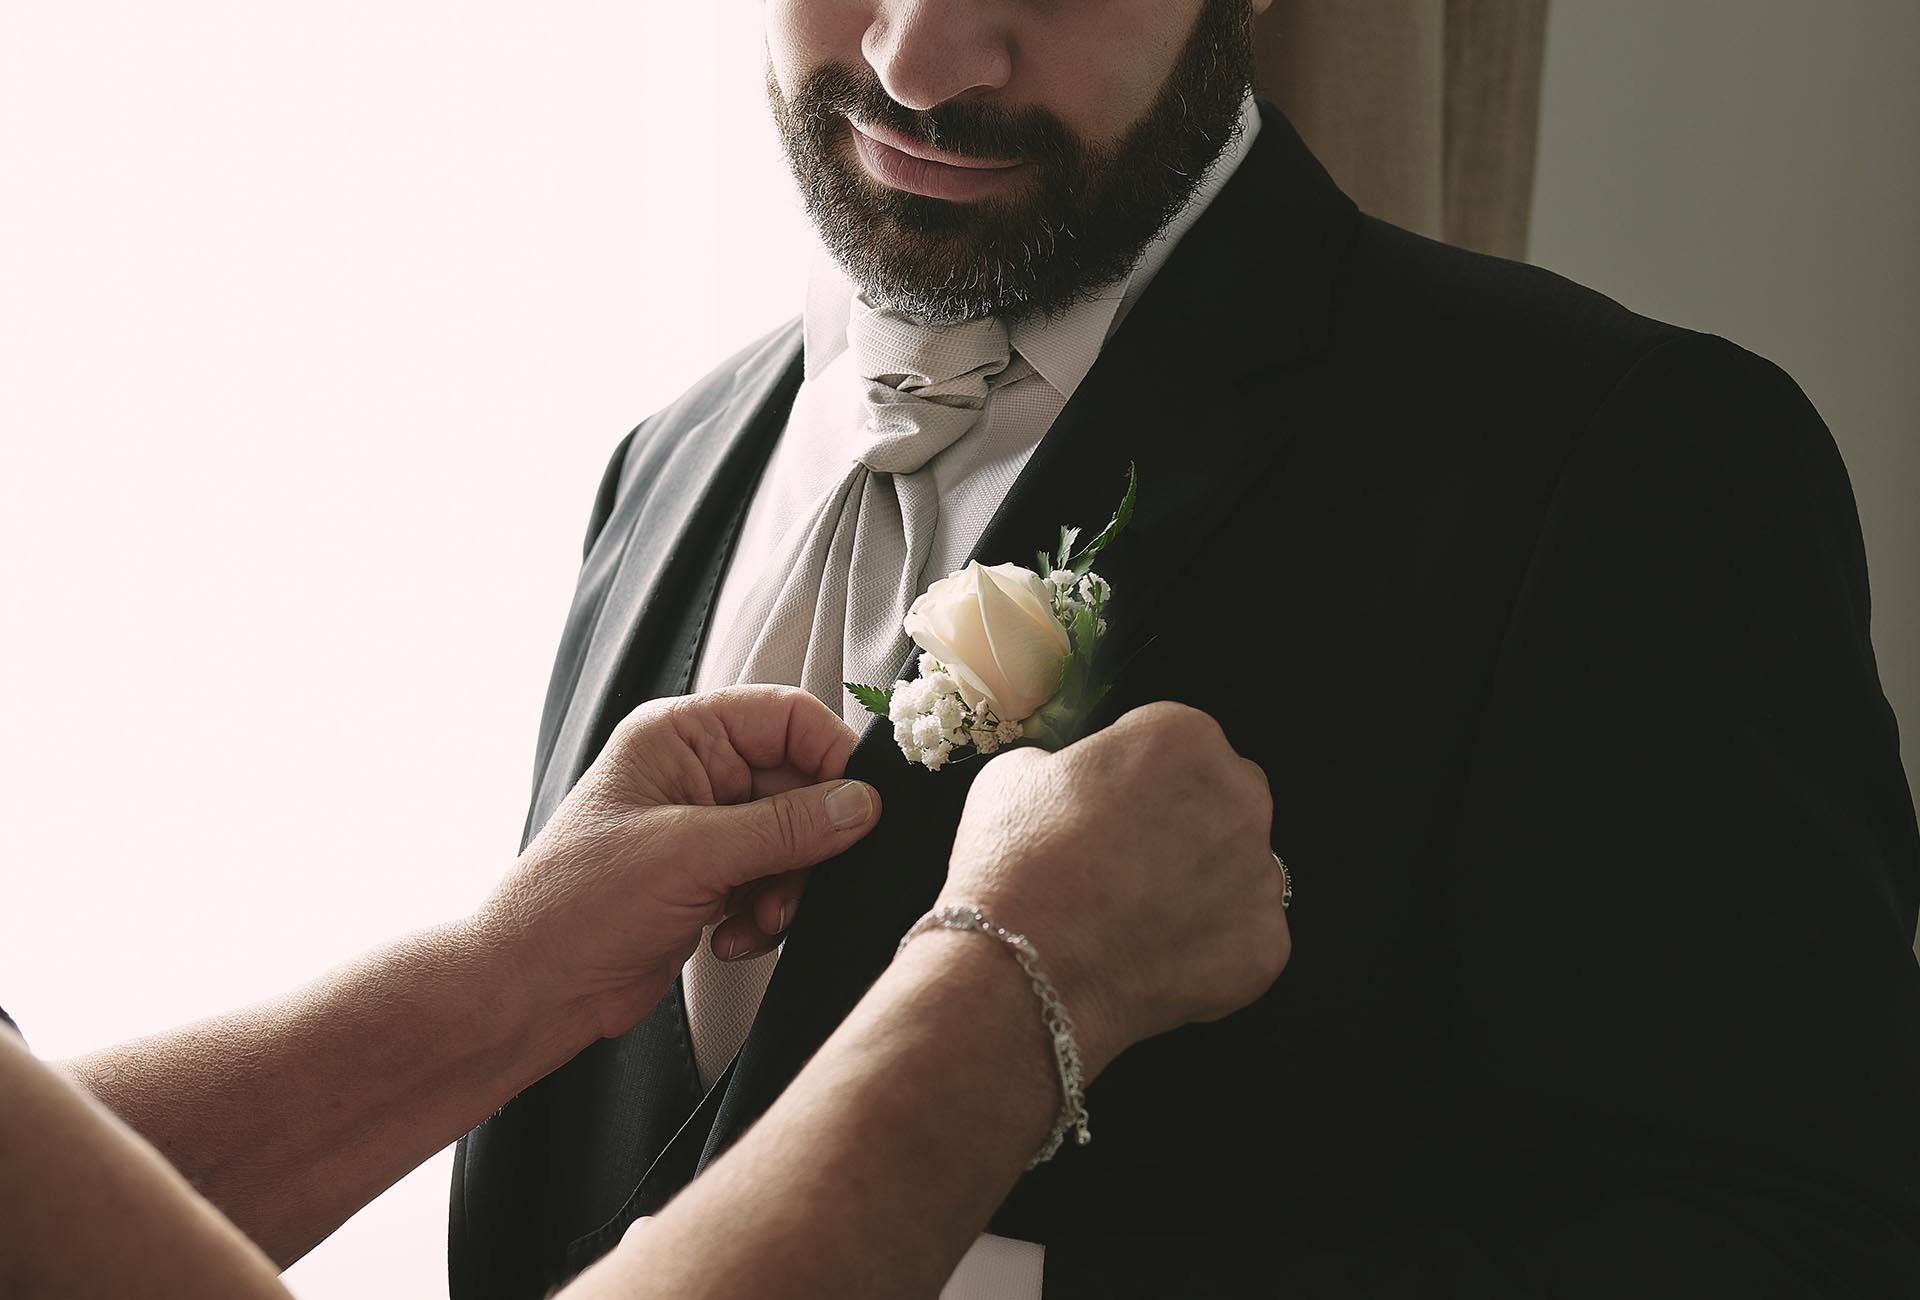 matrimonio-a-Roma-12